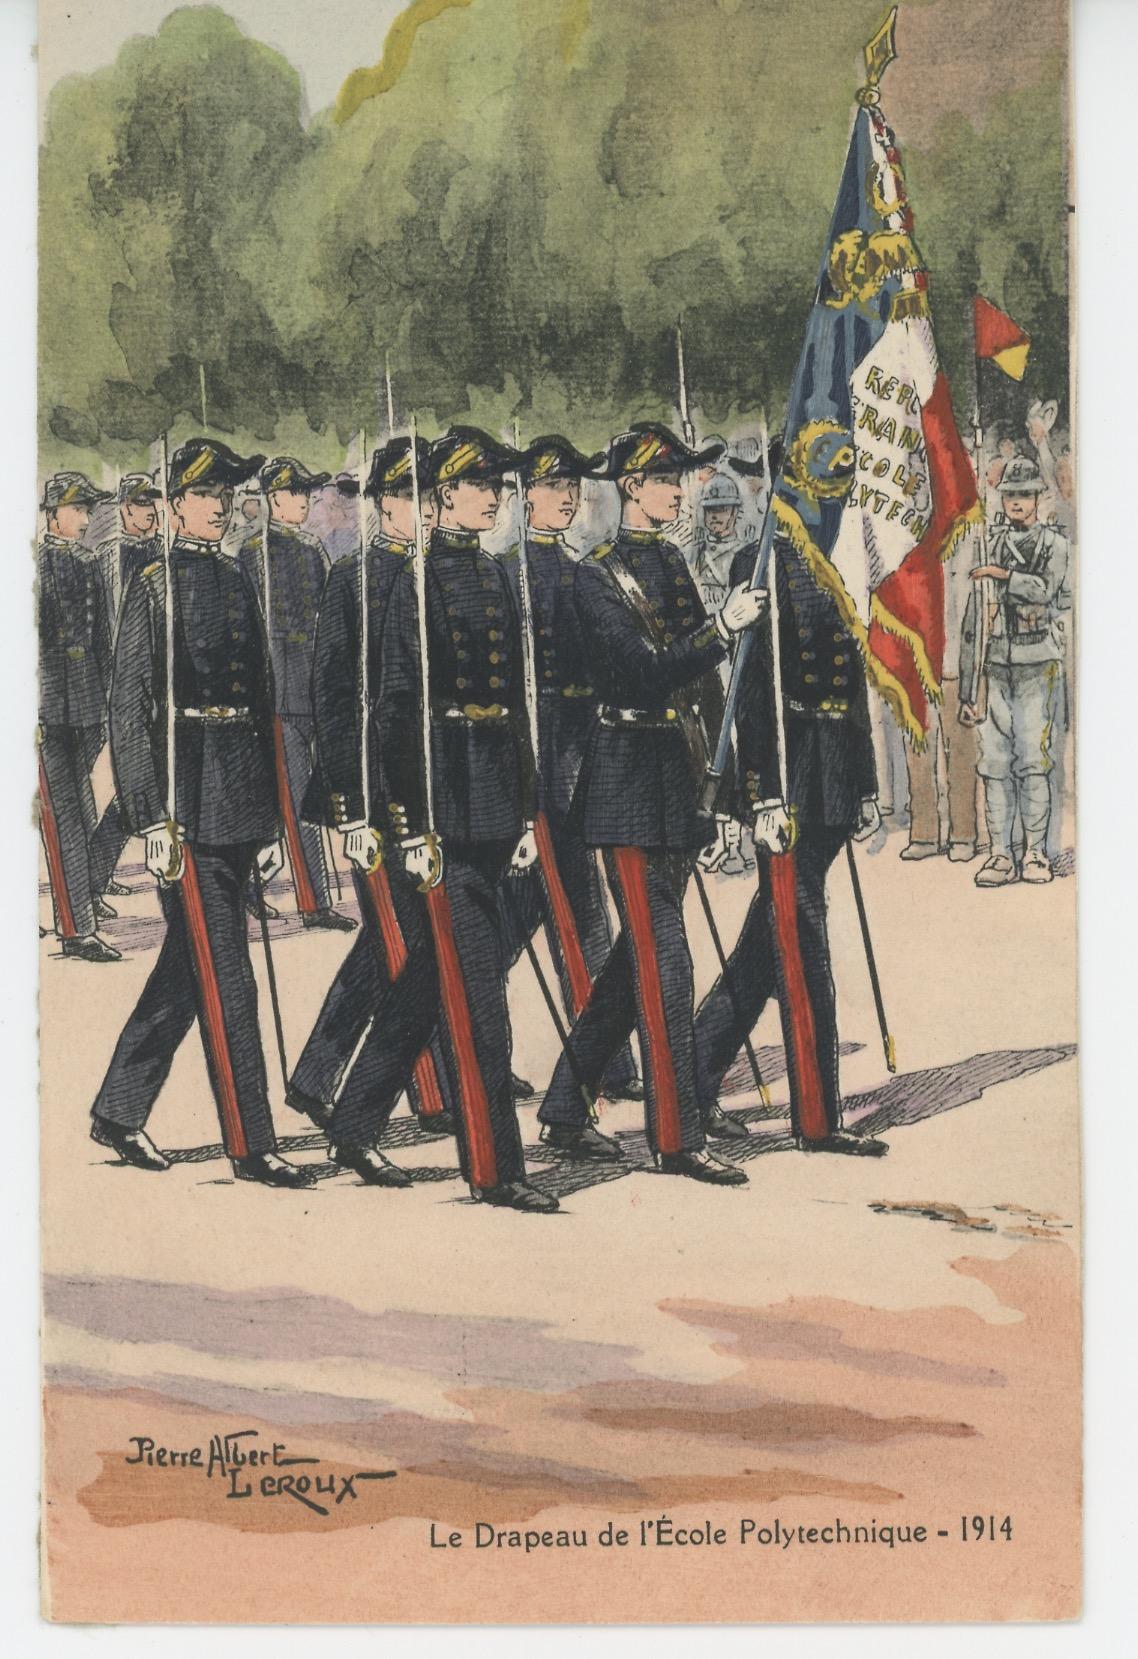 Carte Postale Illustrée - Pierre Albert Leroux- Edition Militaire Illustrées - Ecole Polytechnique Drapeau - 1930